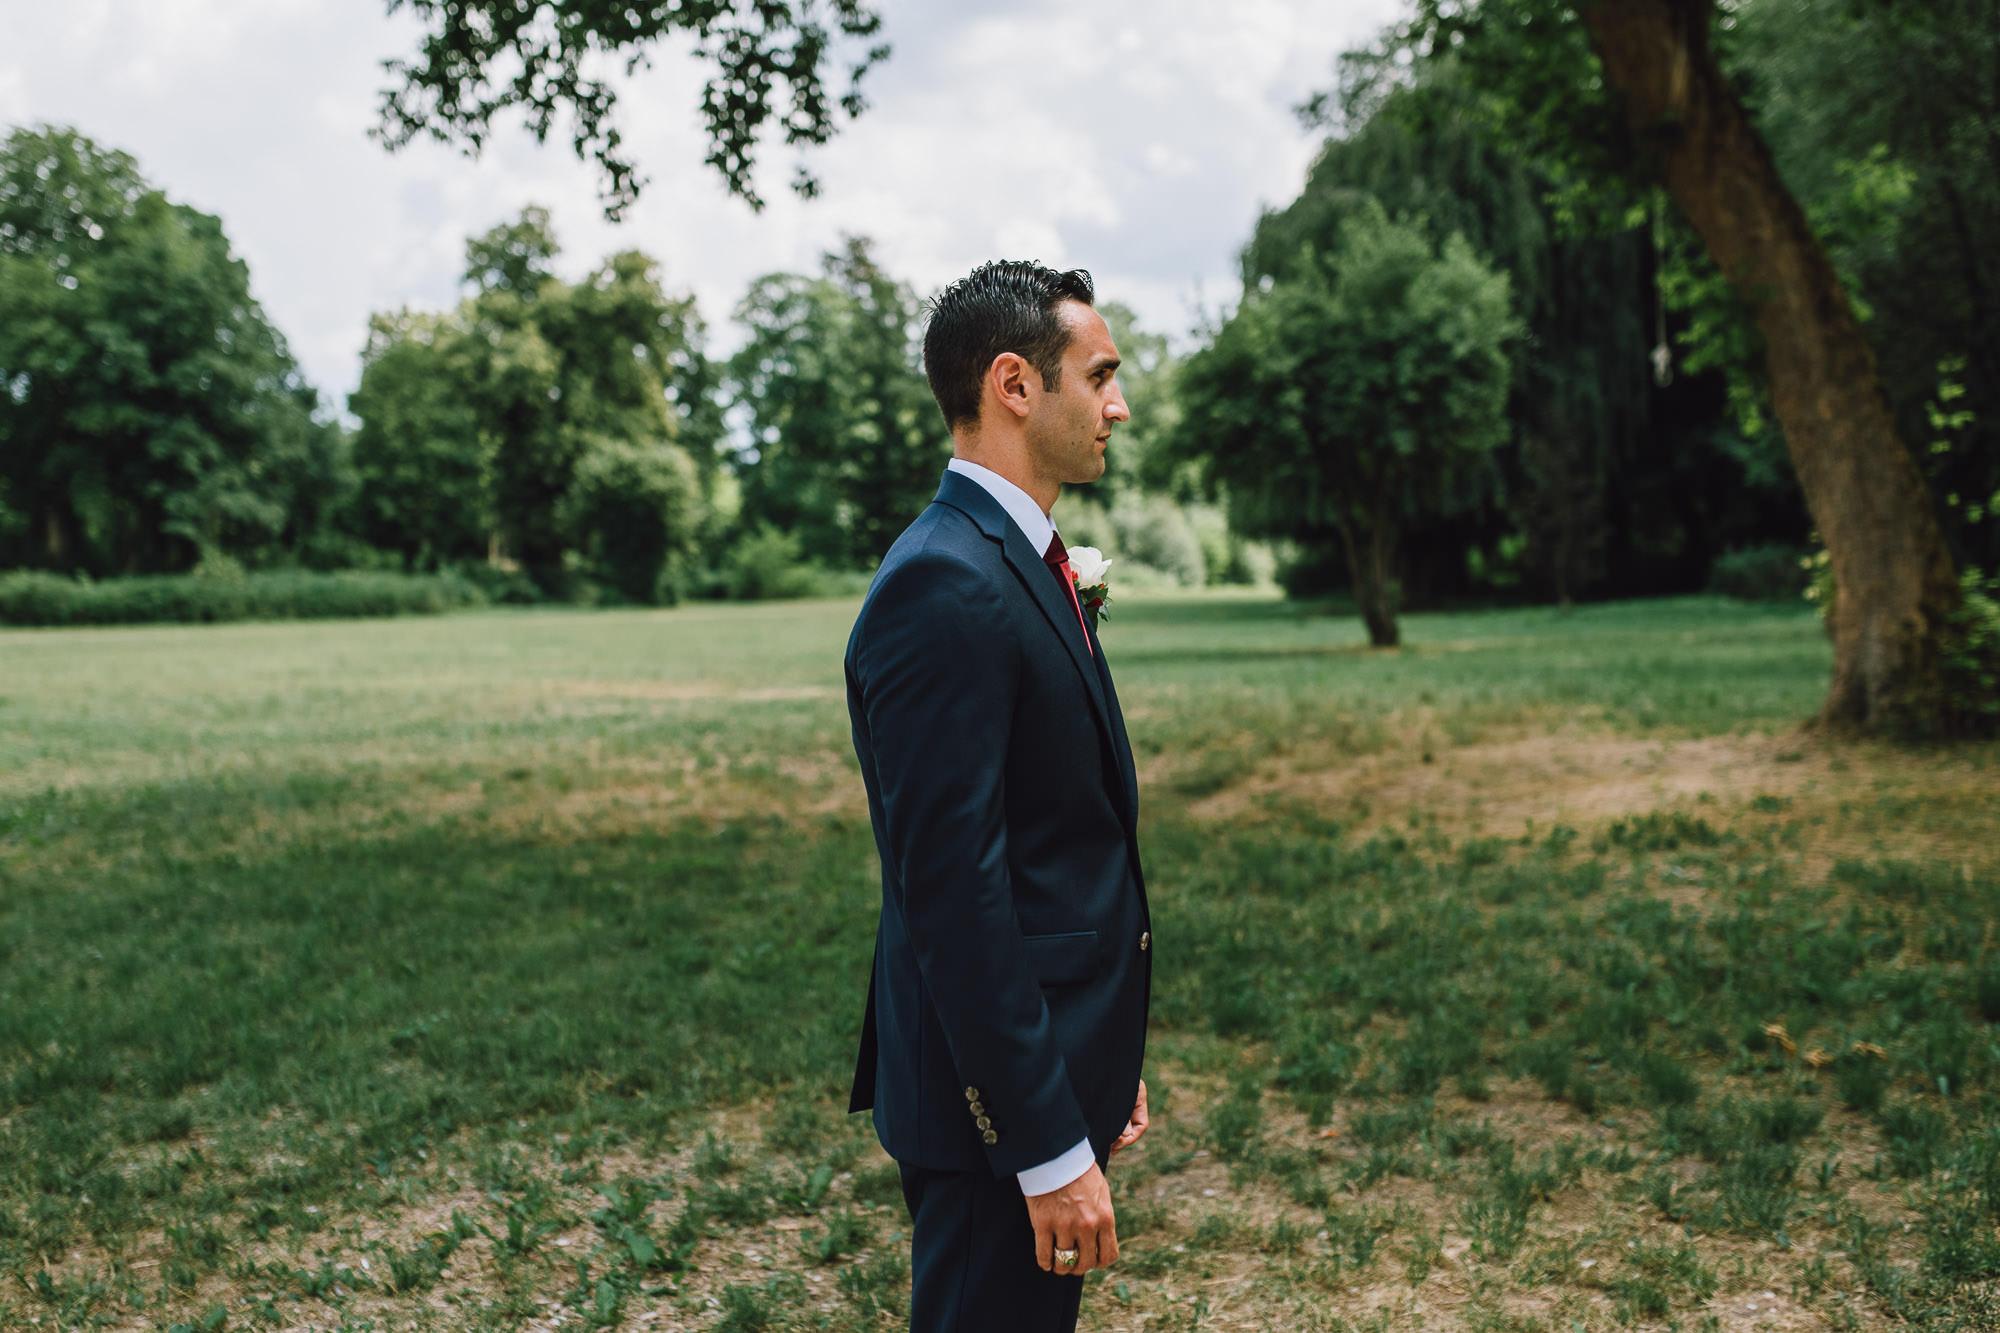 rustic-elegant-wedding-schloss-hochzeit-eyrichshof-franken-bamberg-035